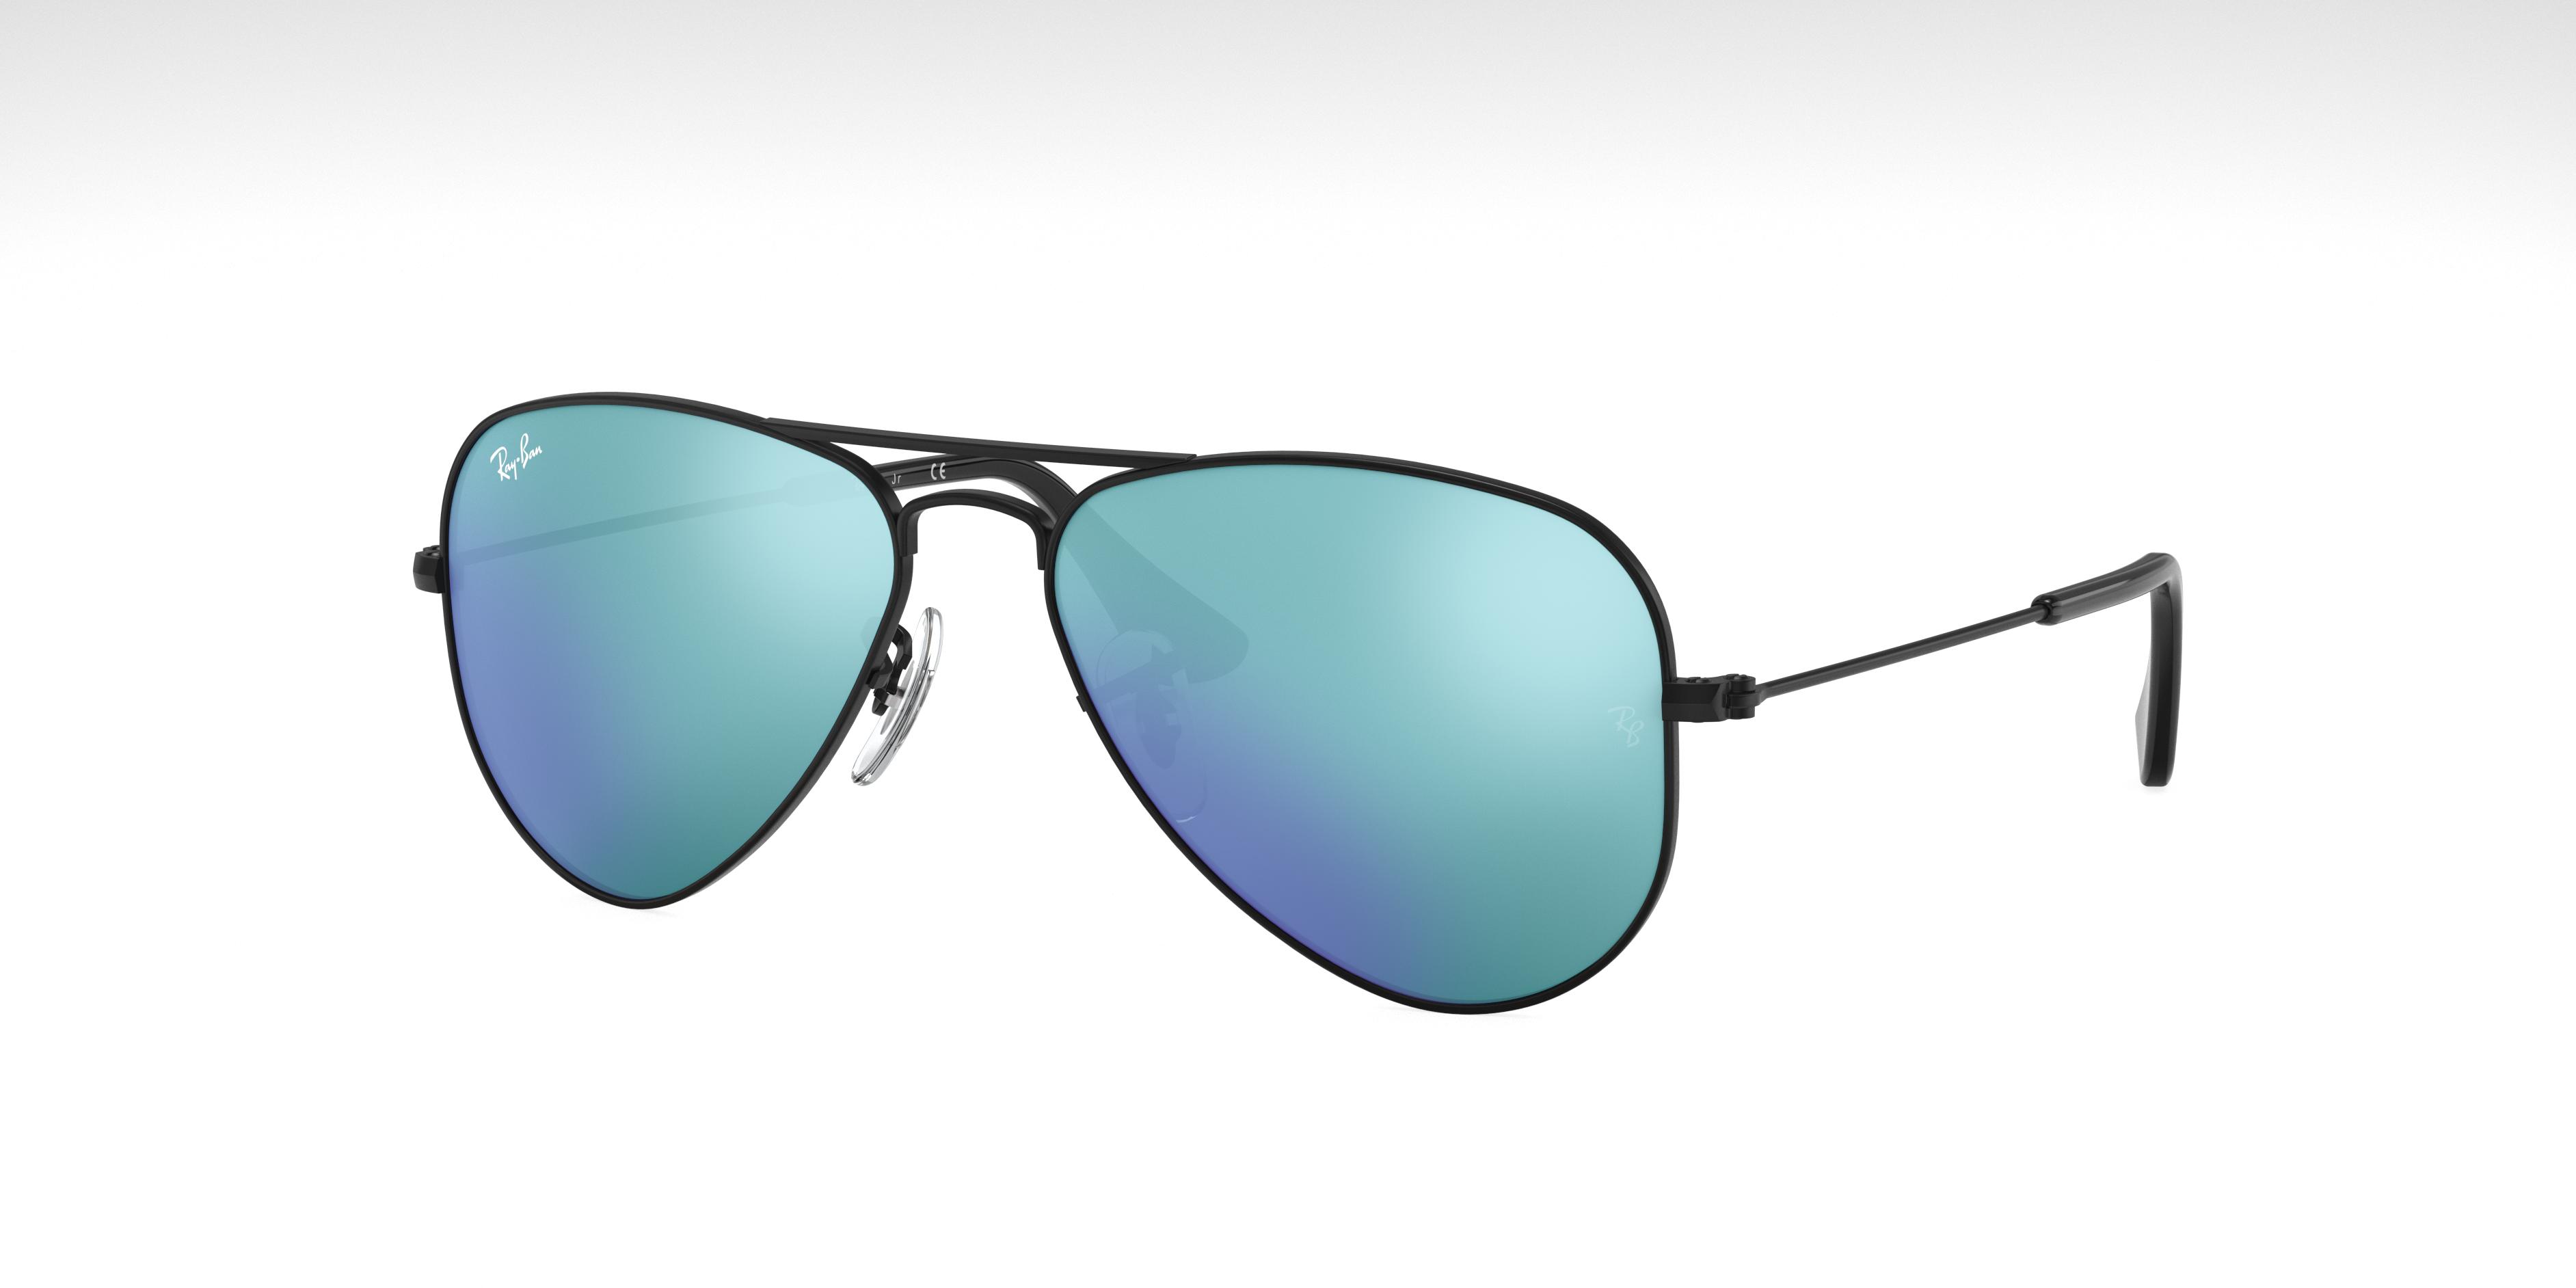 Ray-Ban Aviator Junior Black, Blue Lenses - RJ9506S